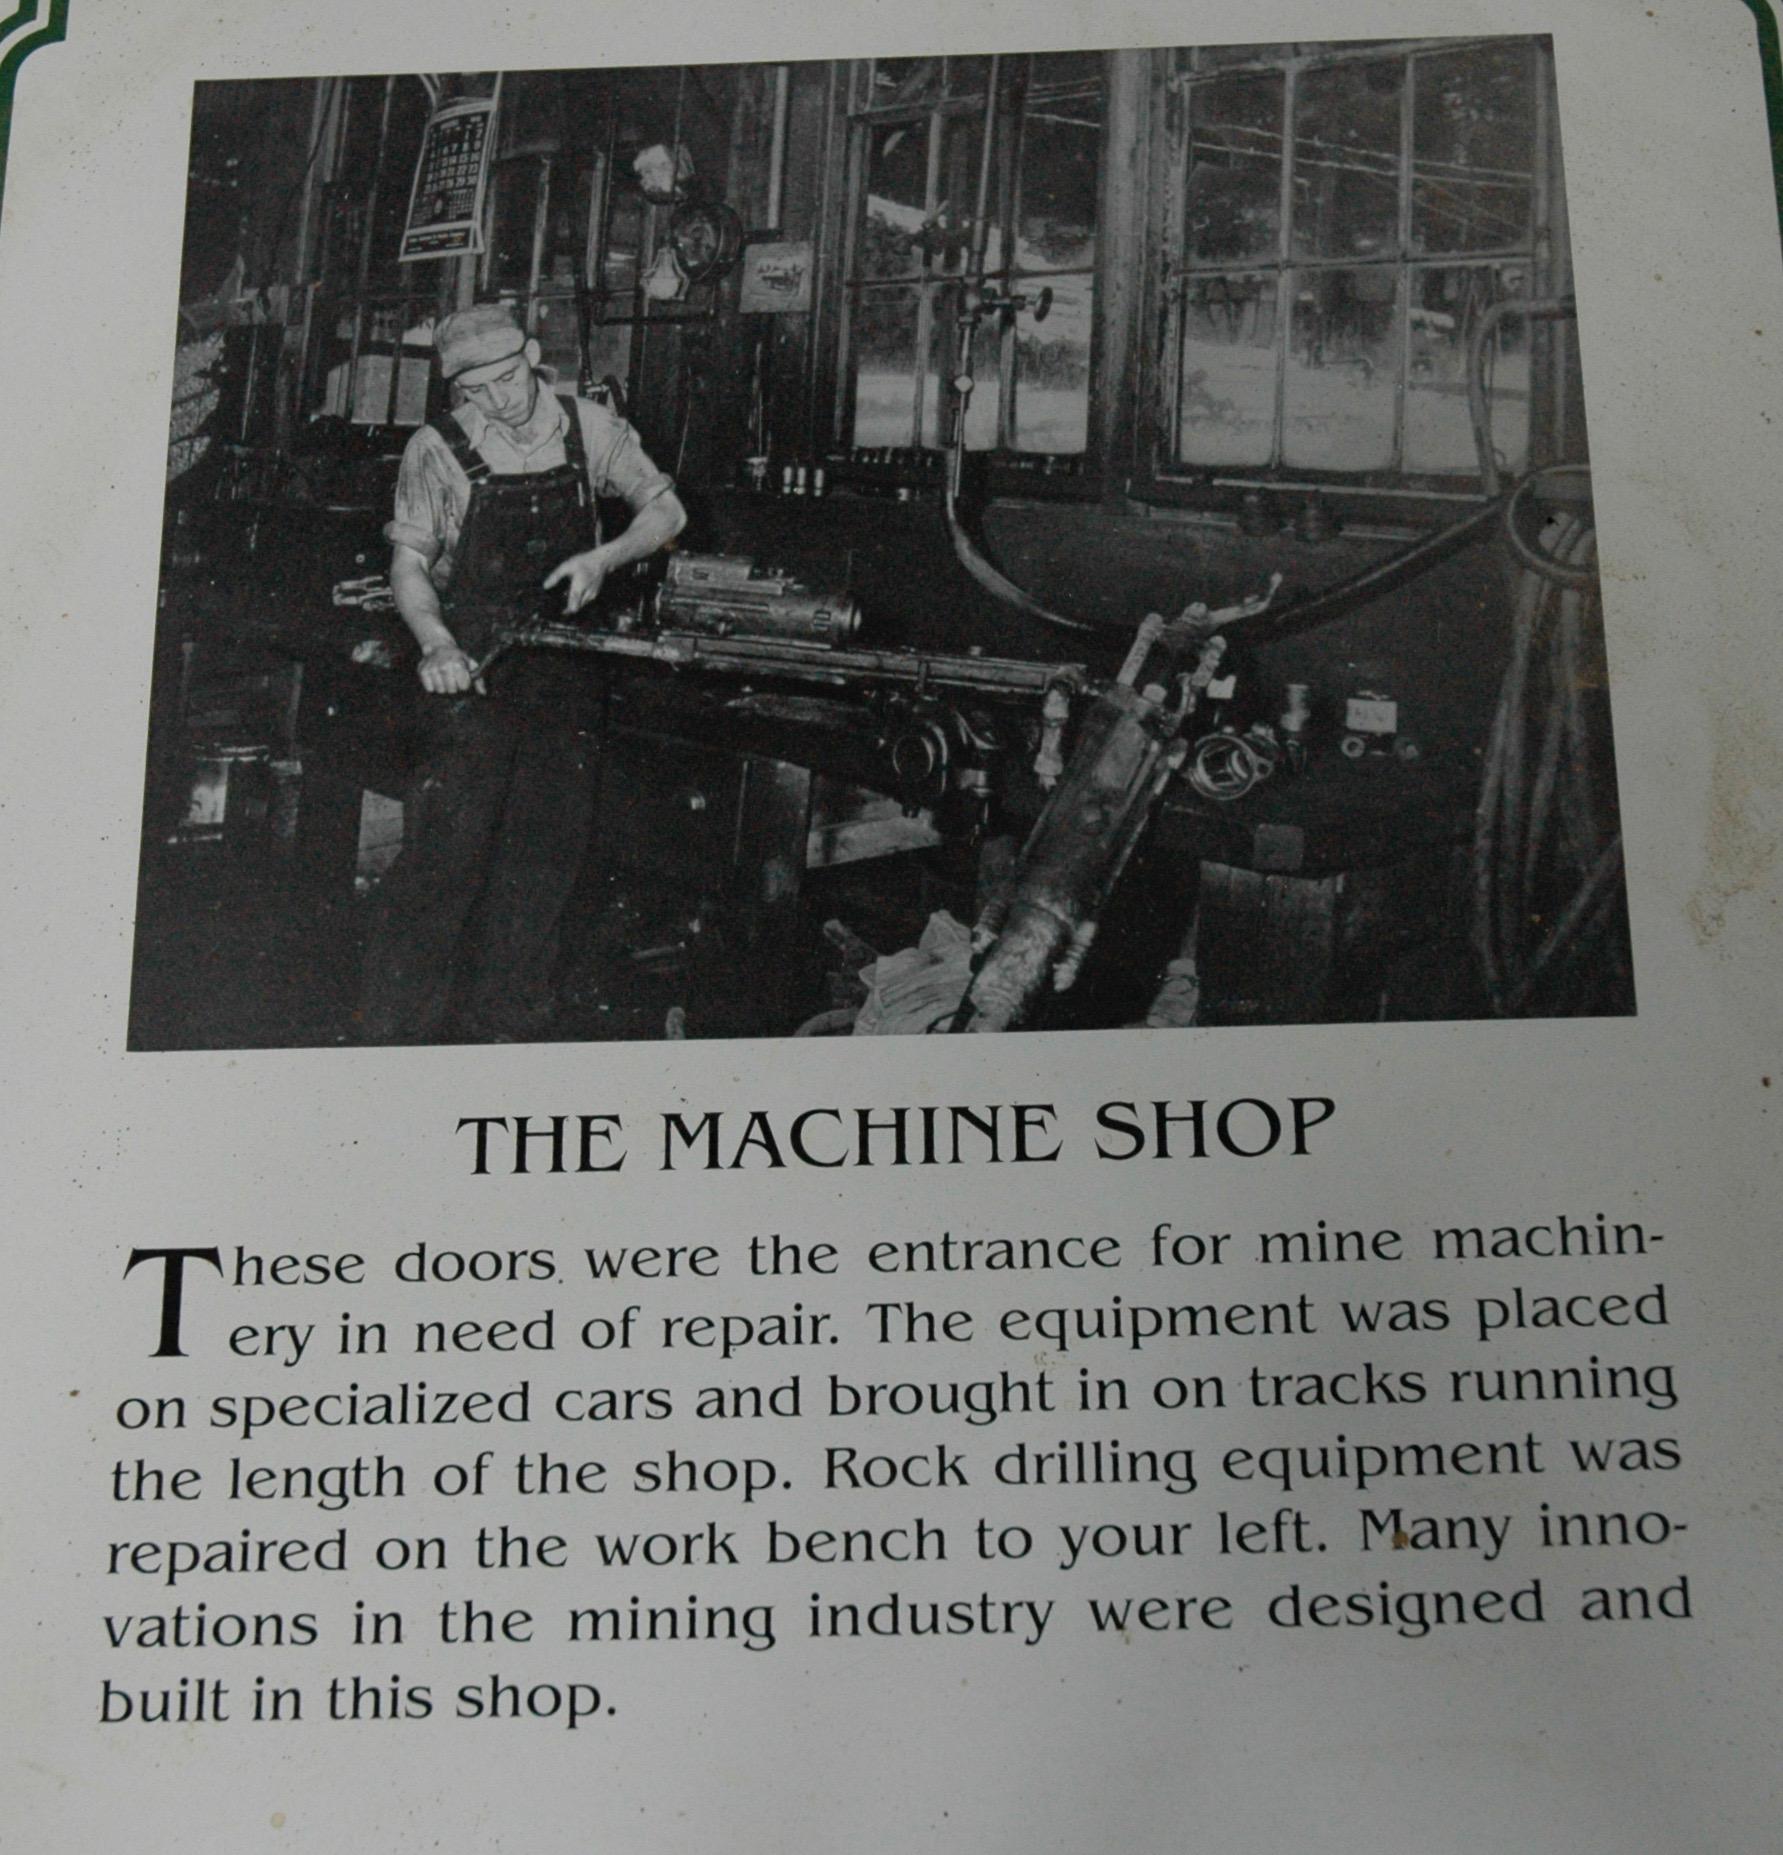 機械修理作業場